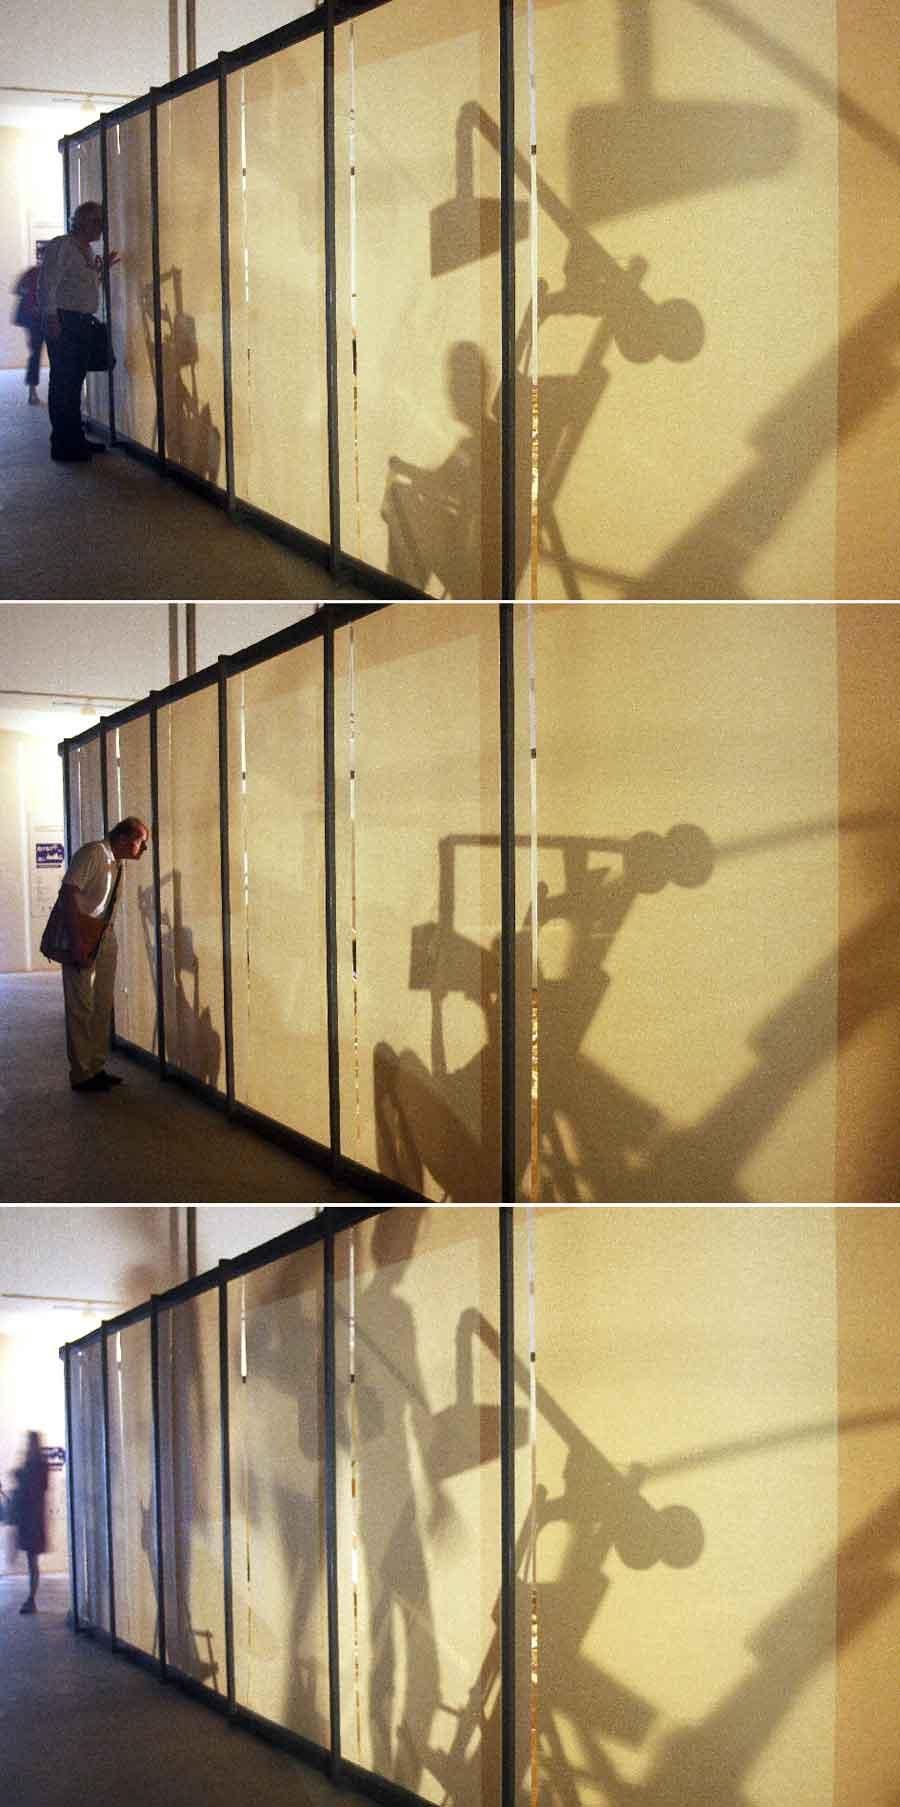 Παιχνίδι σκιών στο διαχωριστικό πέτασμα, © ΝΟΑ